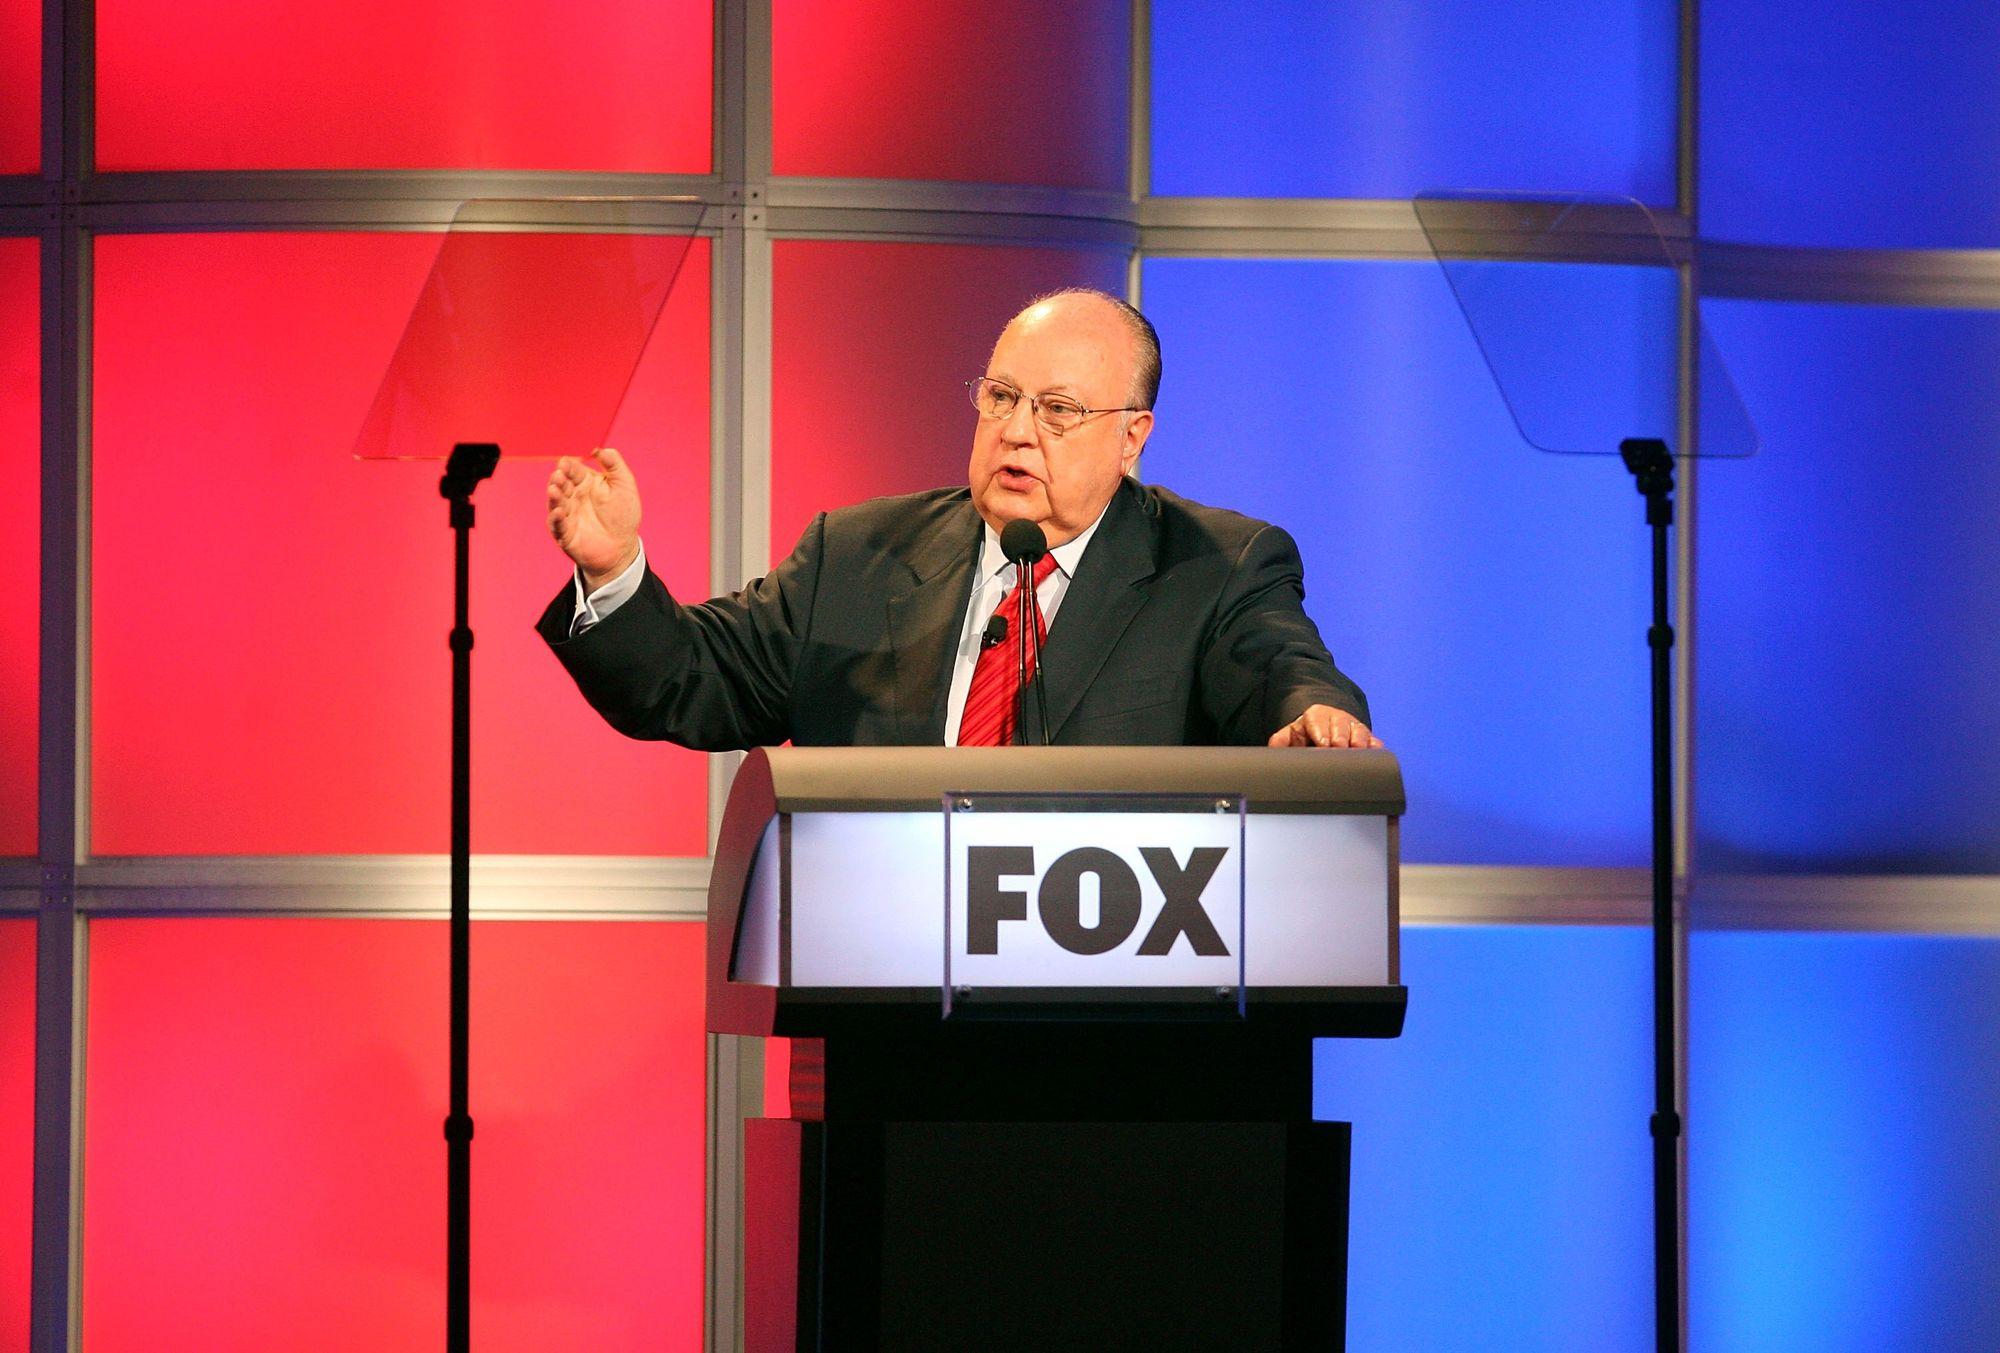 Le fondateur de Fox News Roger Ailes est mort, selon Fox News